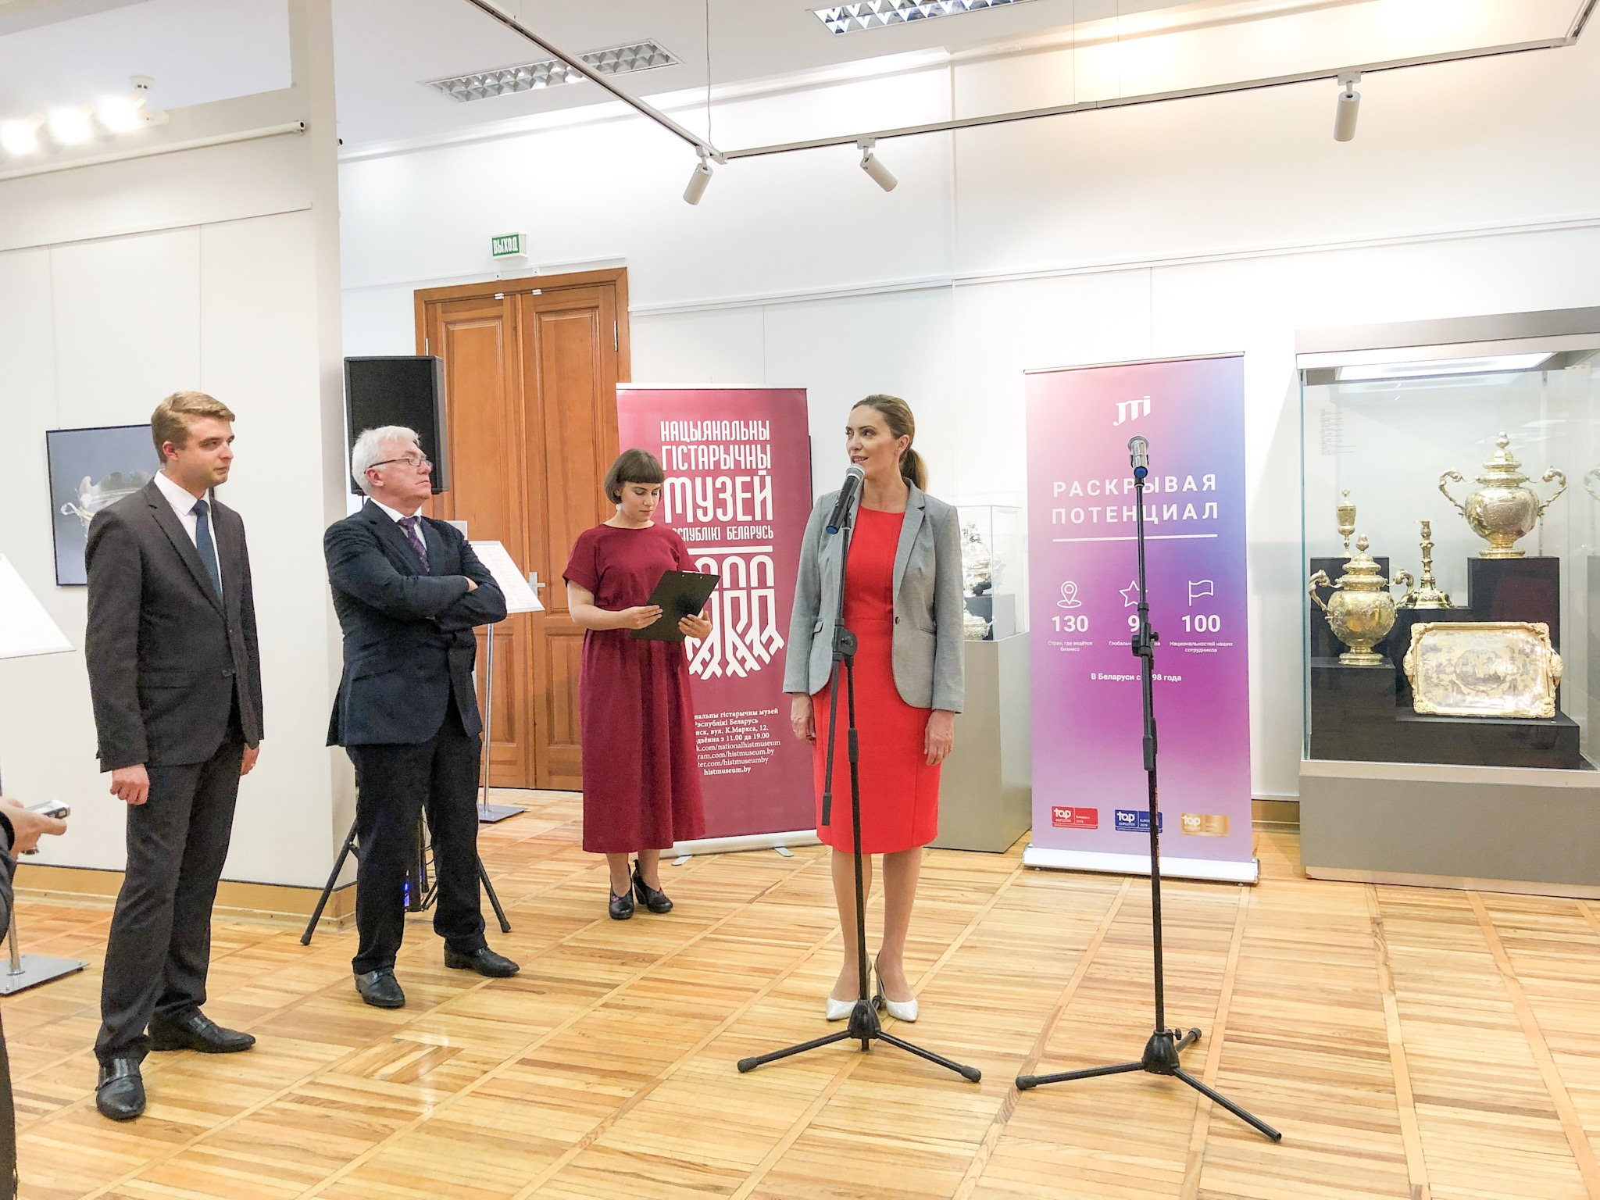 Состоялось открытие выставки «Старина и новизна. Русское ювелирное искусство XVIII века»